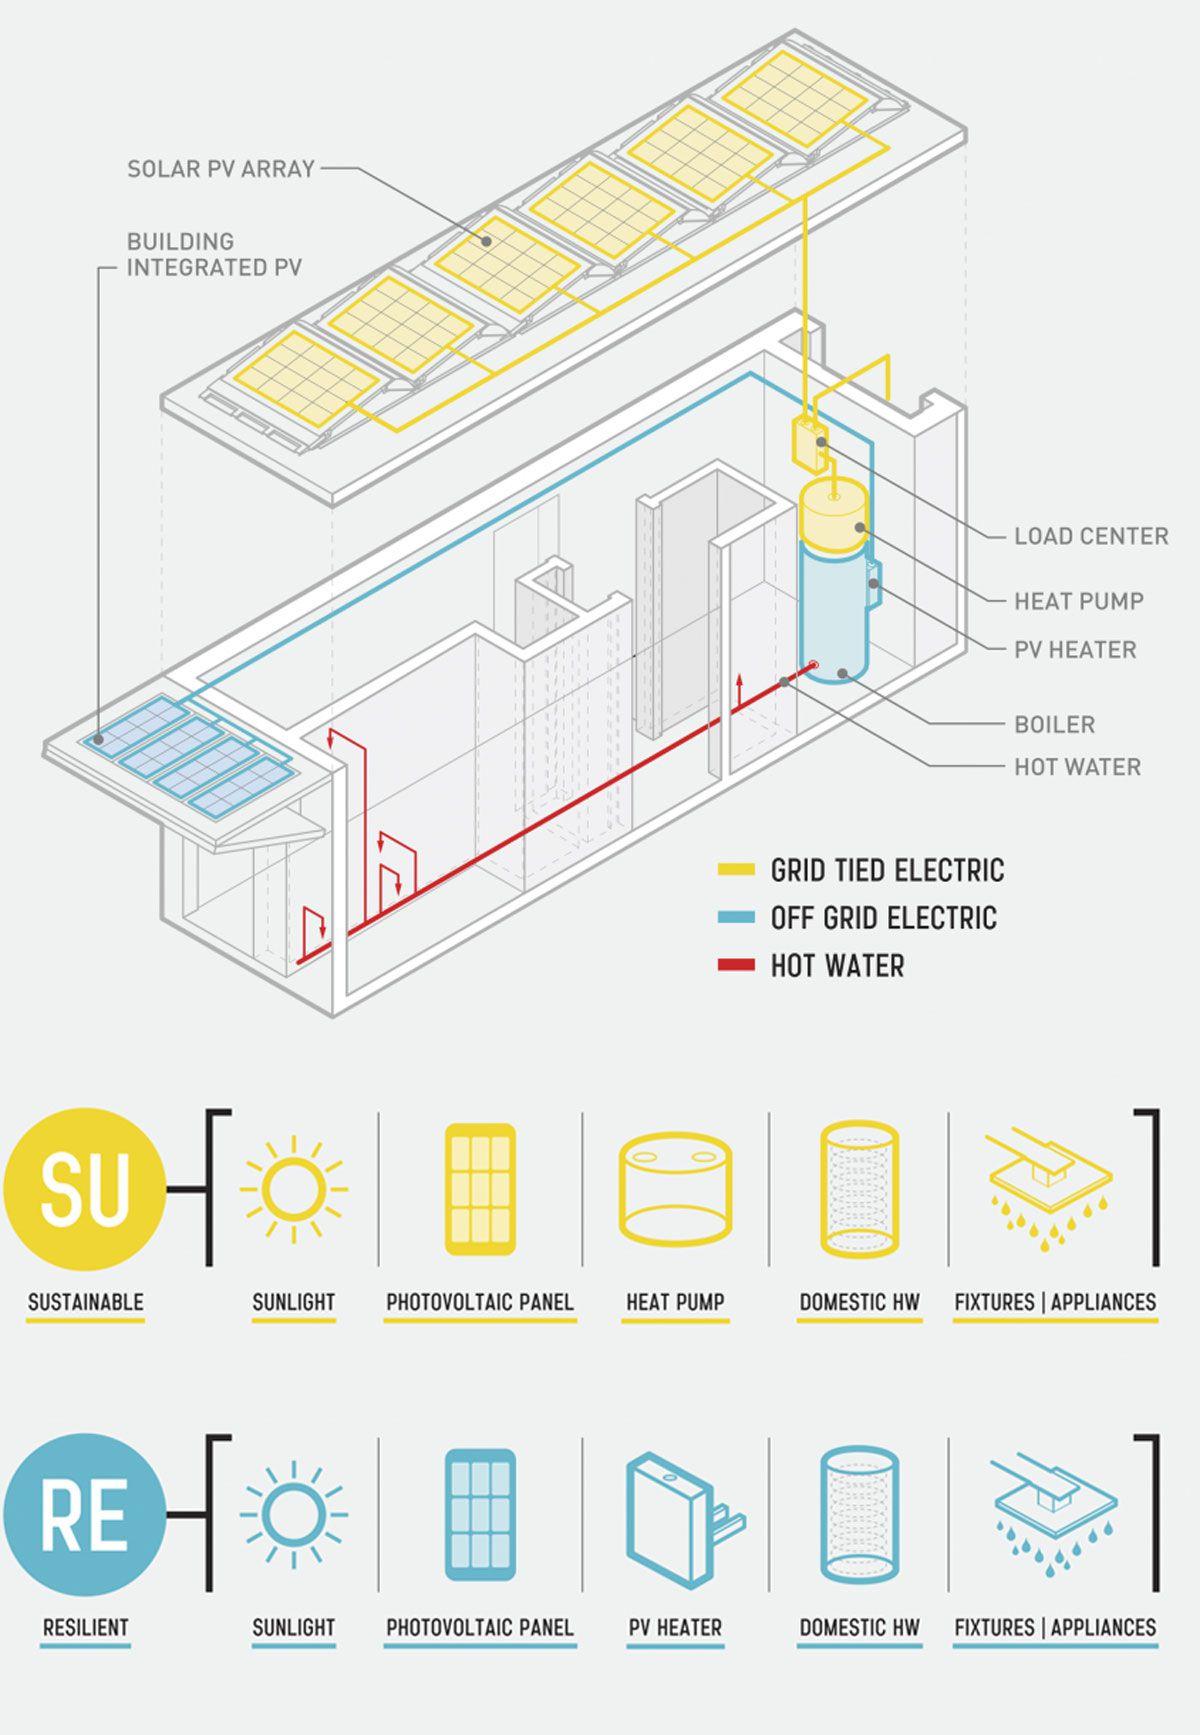 surehouse hybrid solar system